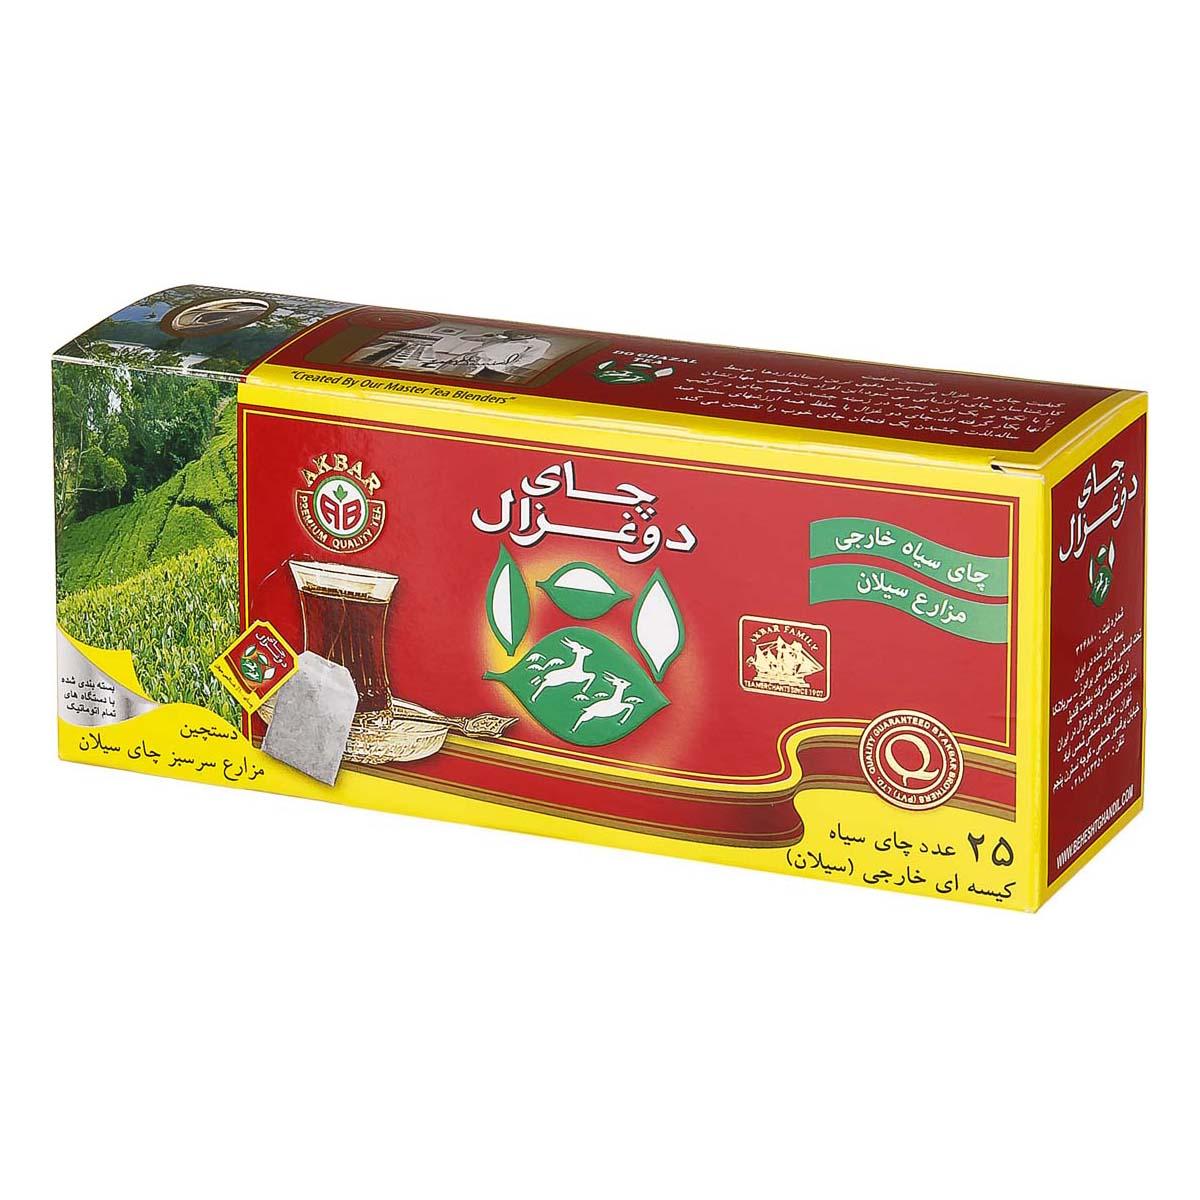 چای دو غزال تی بک ساده و عطر دار